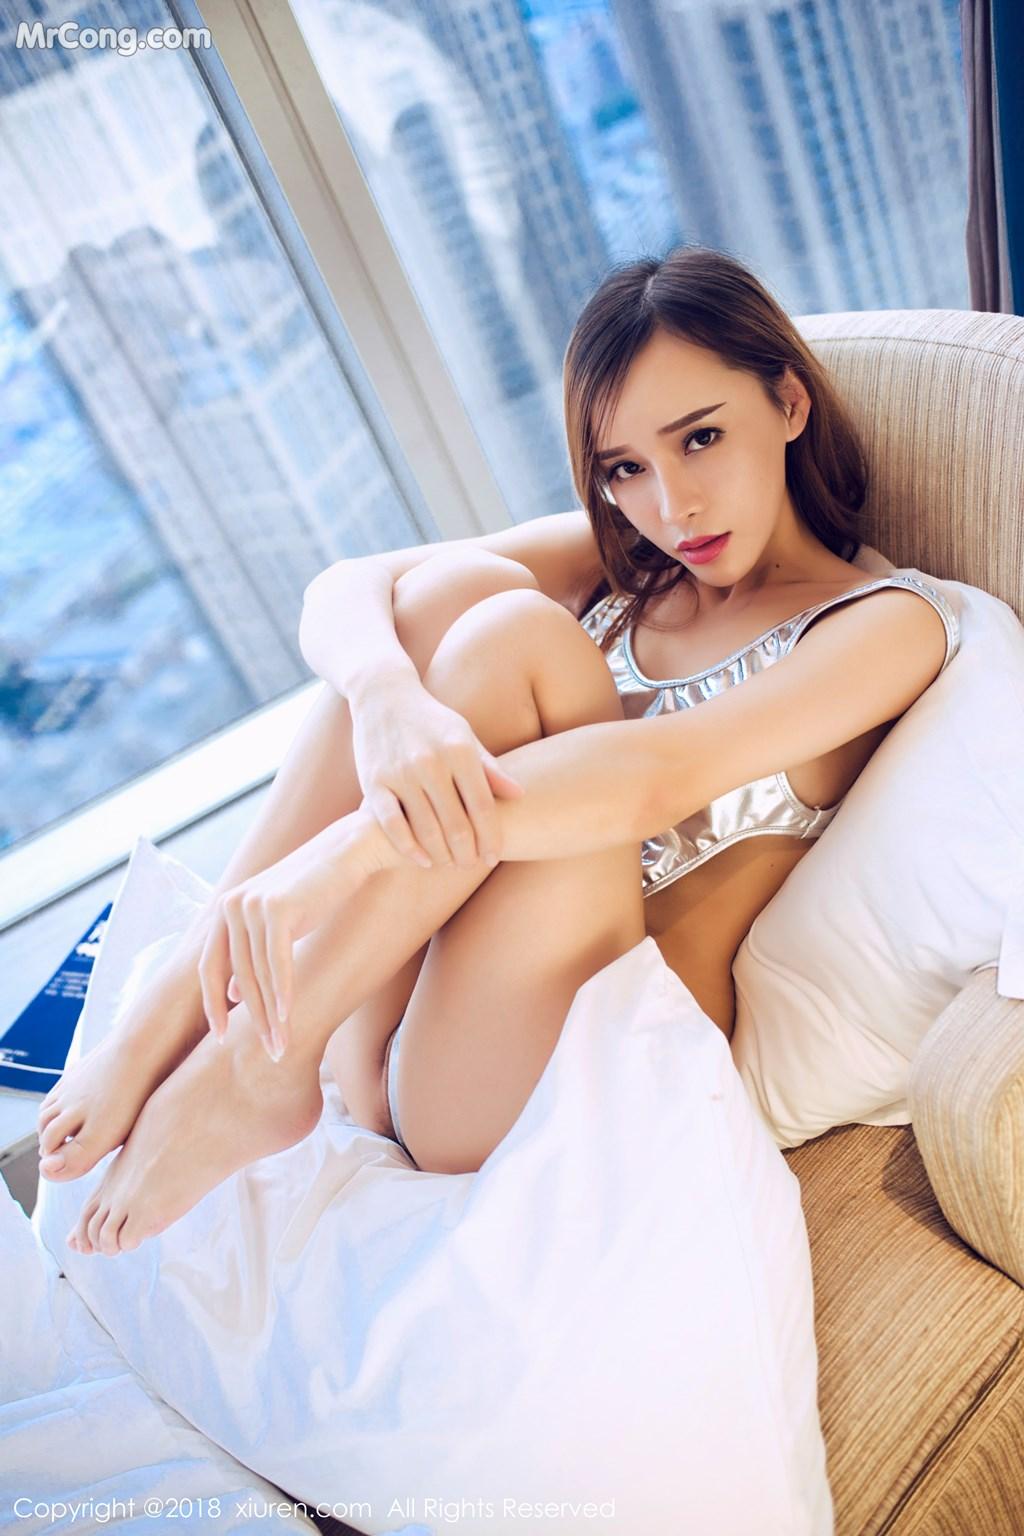 Image XIUREN-No.946-Ai-Xiao-Qing-MrCong.com-019 in post XIUREN No.946: Người mẫu Ai Xiao Qing (艾小青) (46 ảnh)